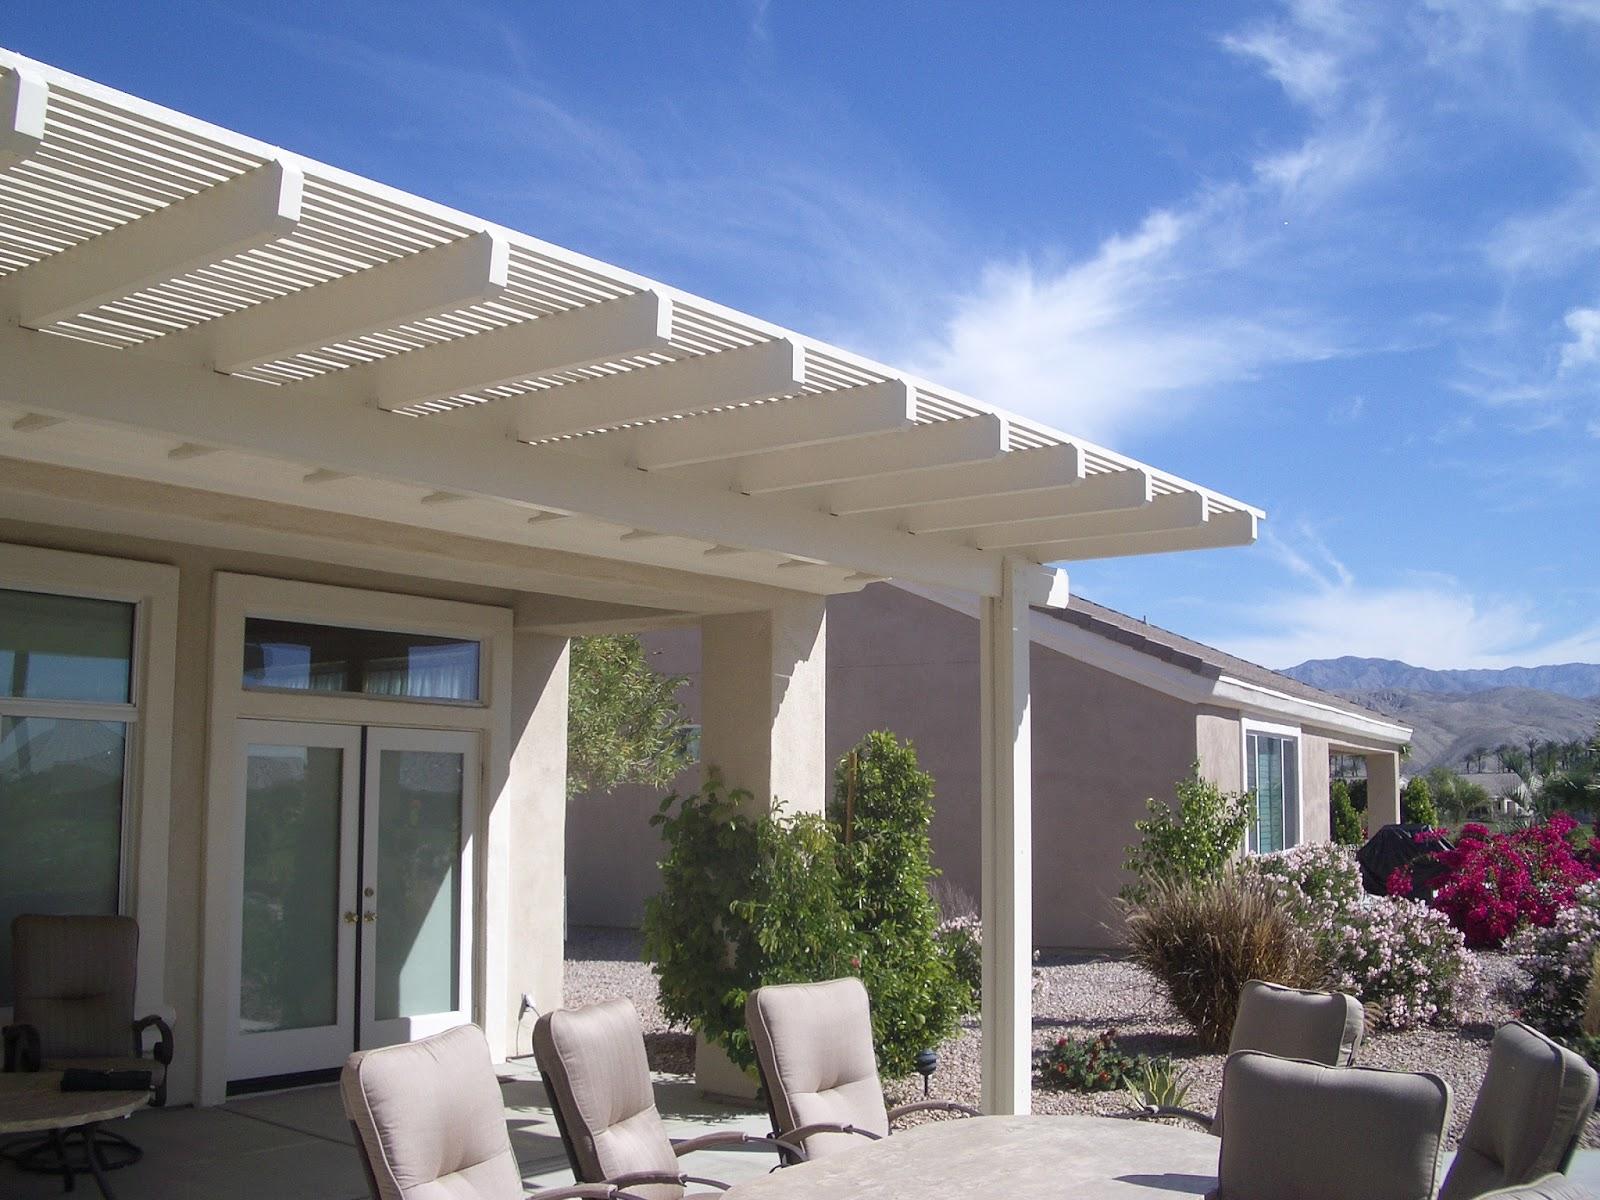 100° In Palm Springs This Weekend!